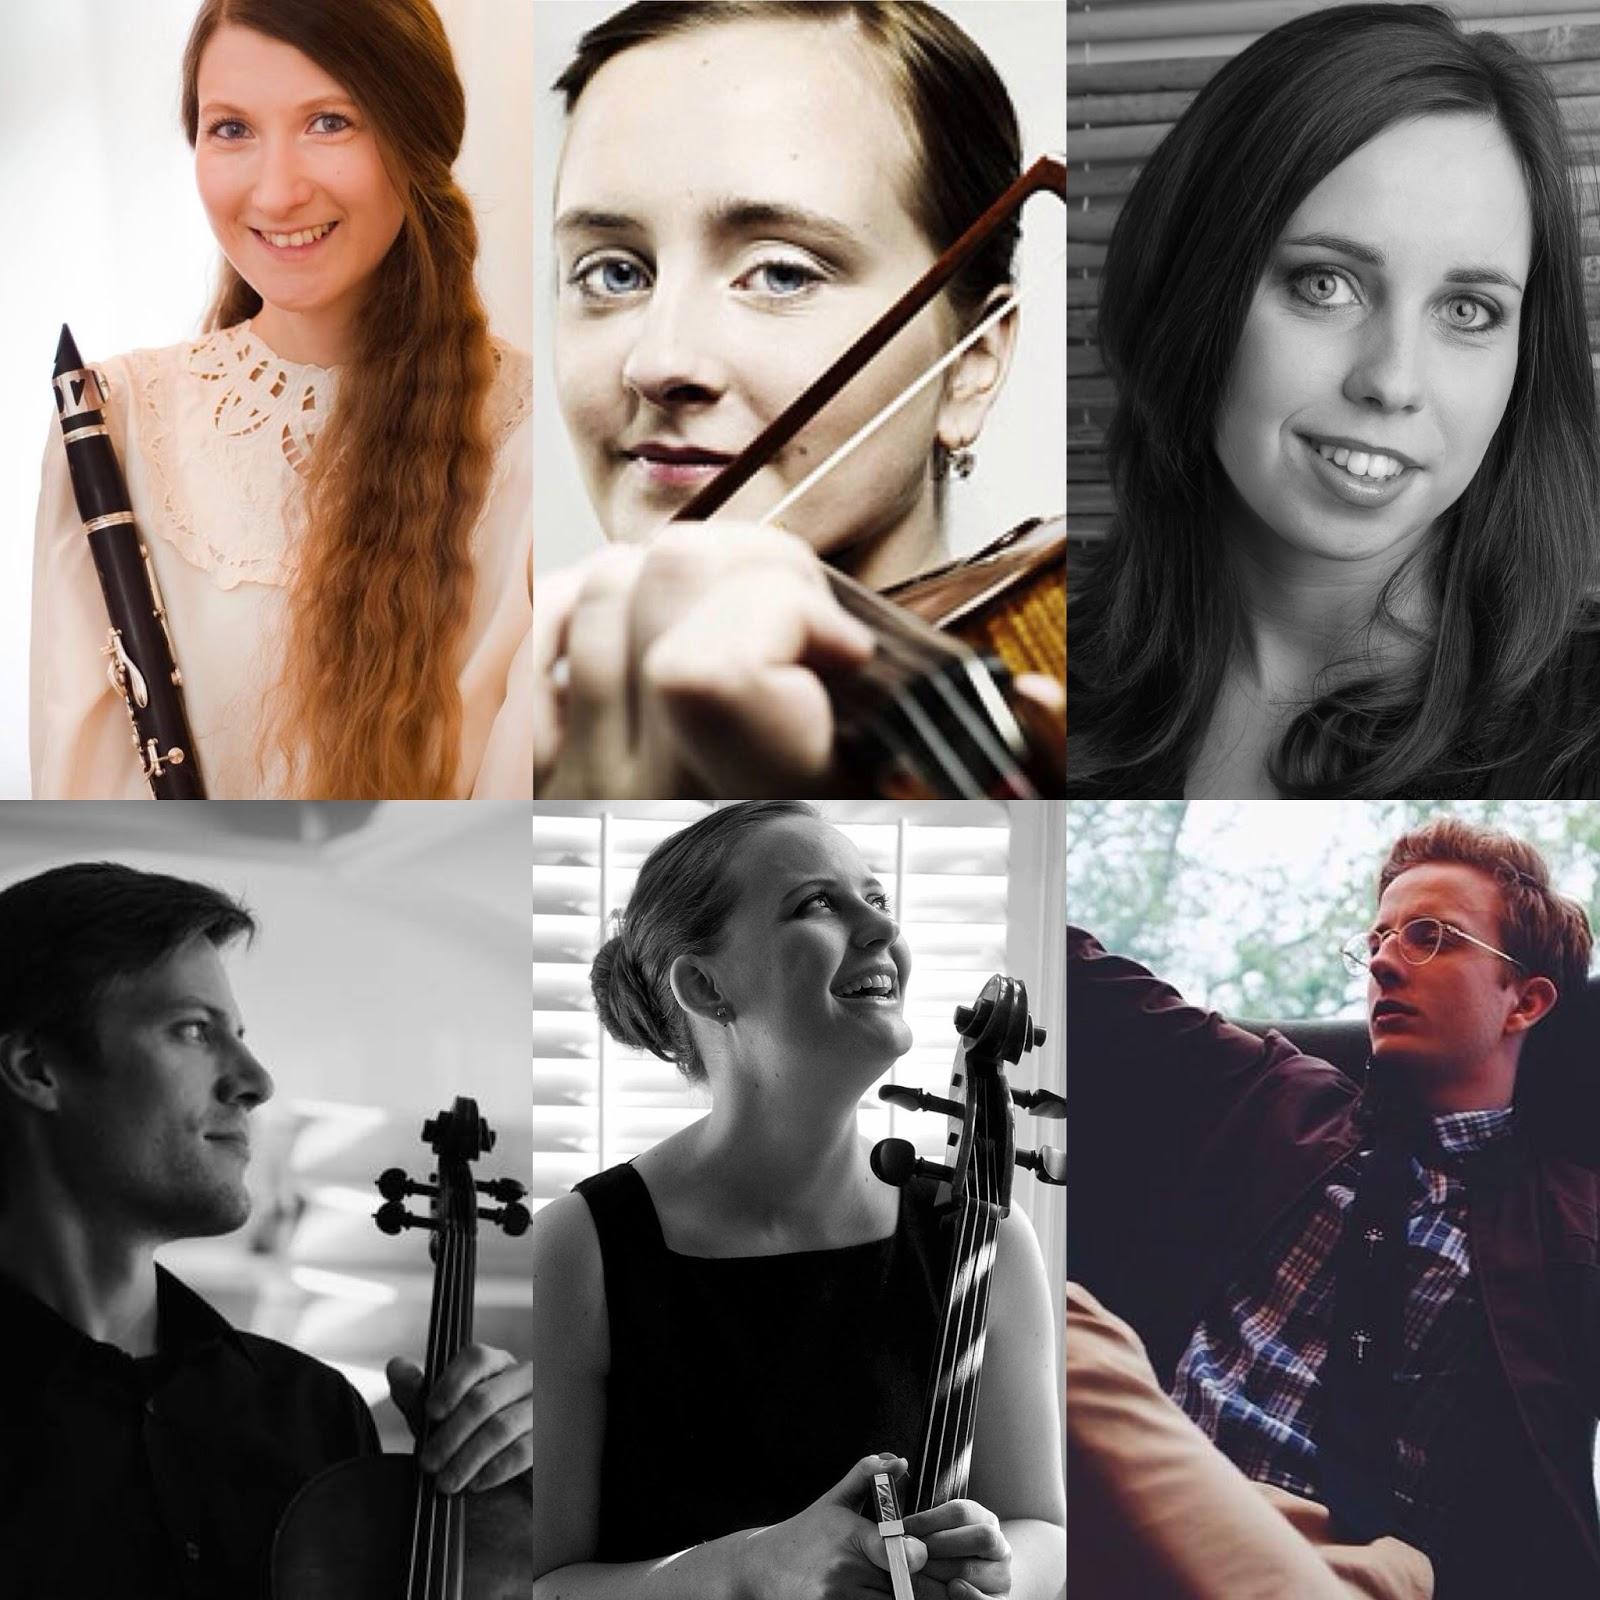 The performers. From top left: Kristín Þóra Pétursdóttir, Helga Þóra Björgvinsdóttir, Matthildur Anna Gísladóttir, Jonathan Larson, Guðný Jónasdóttir and Pétur Björnsson.